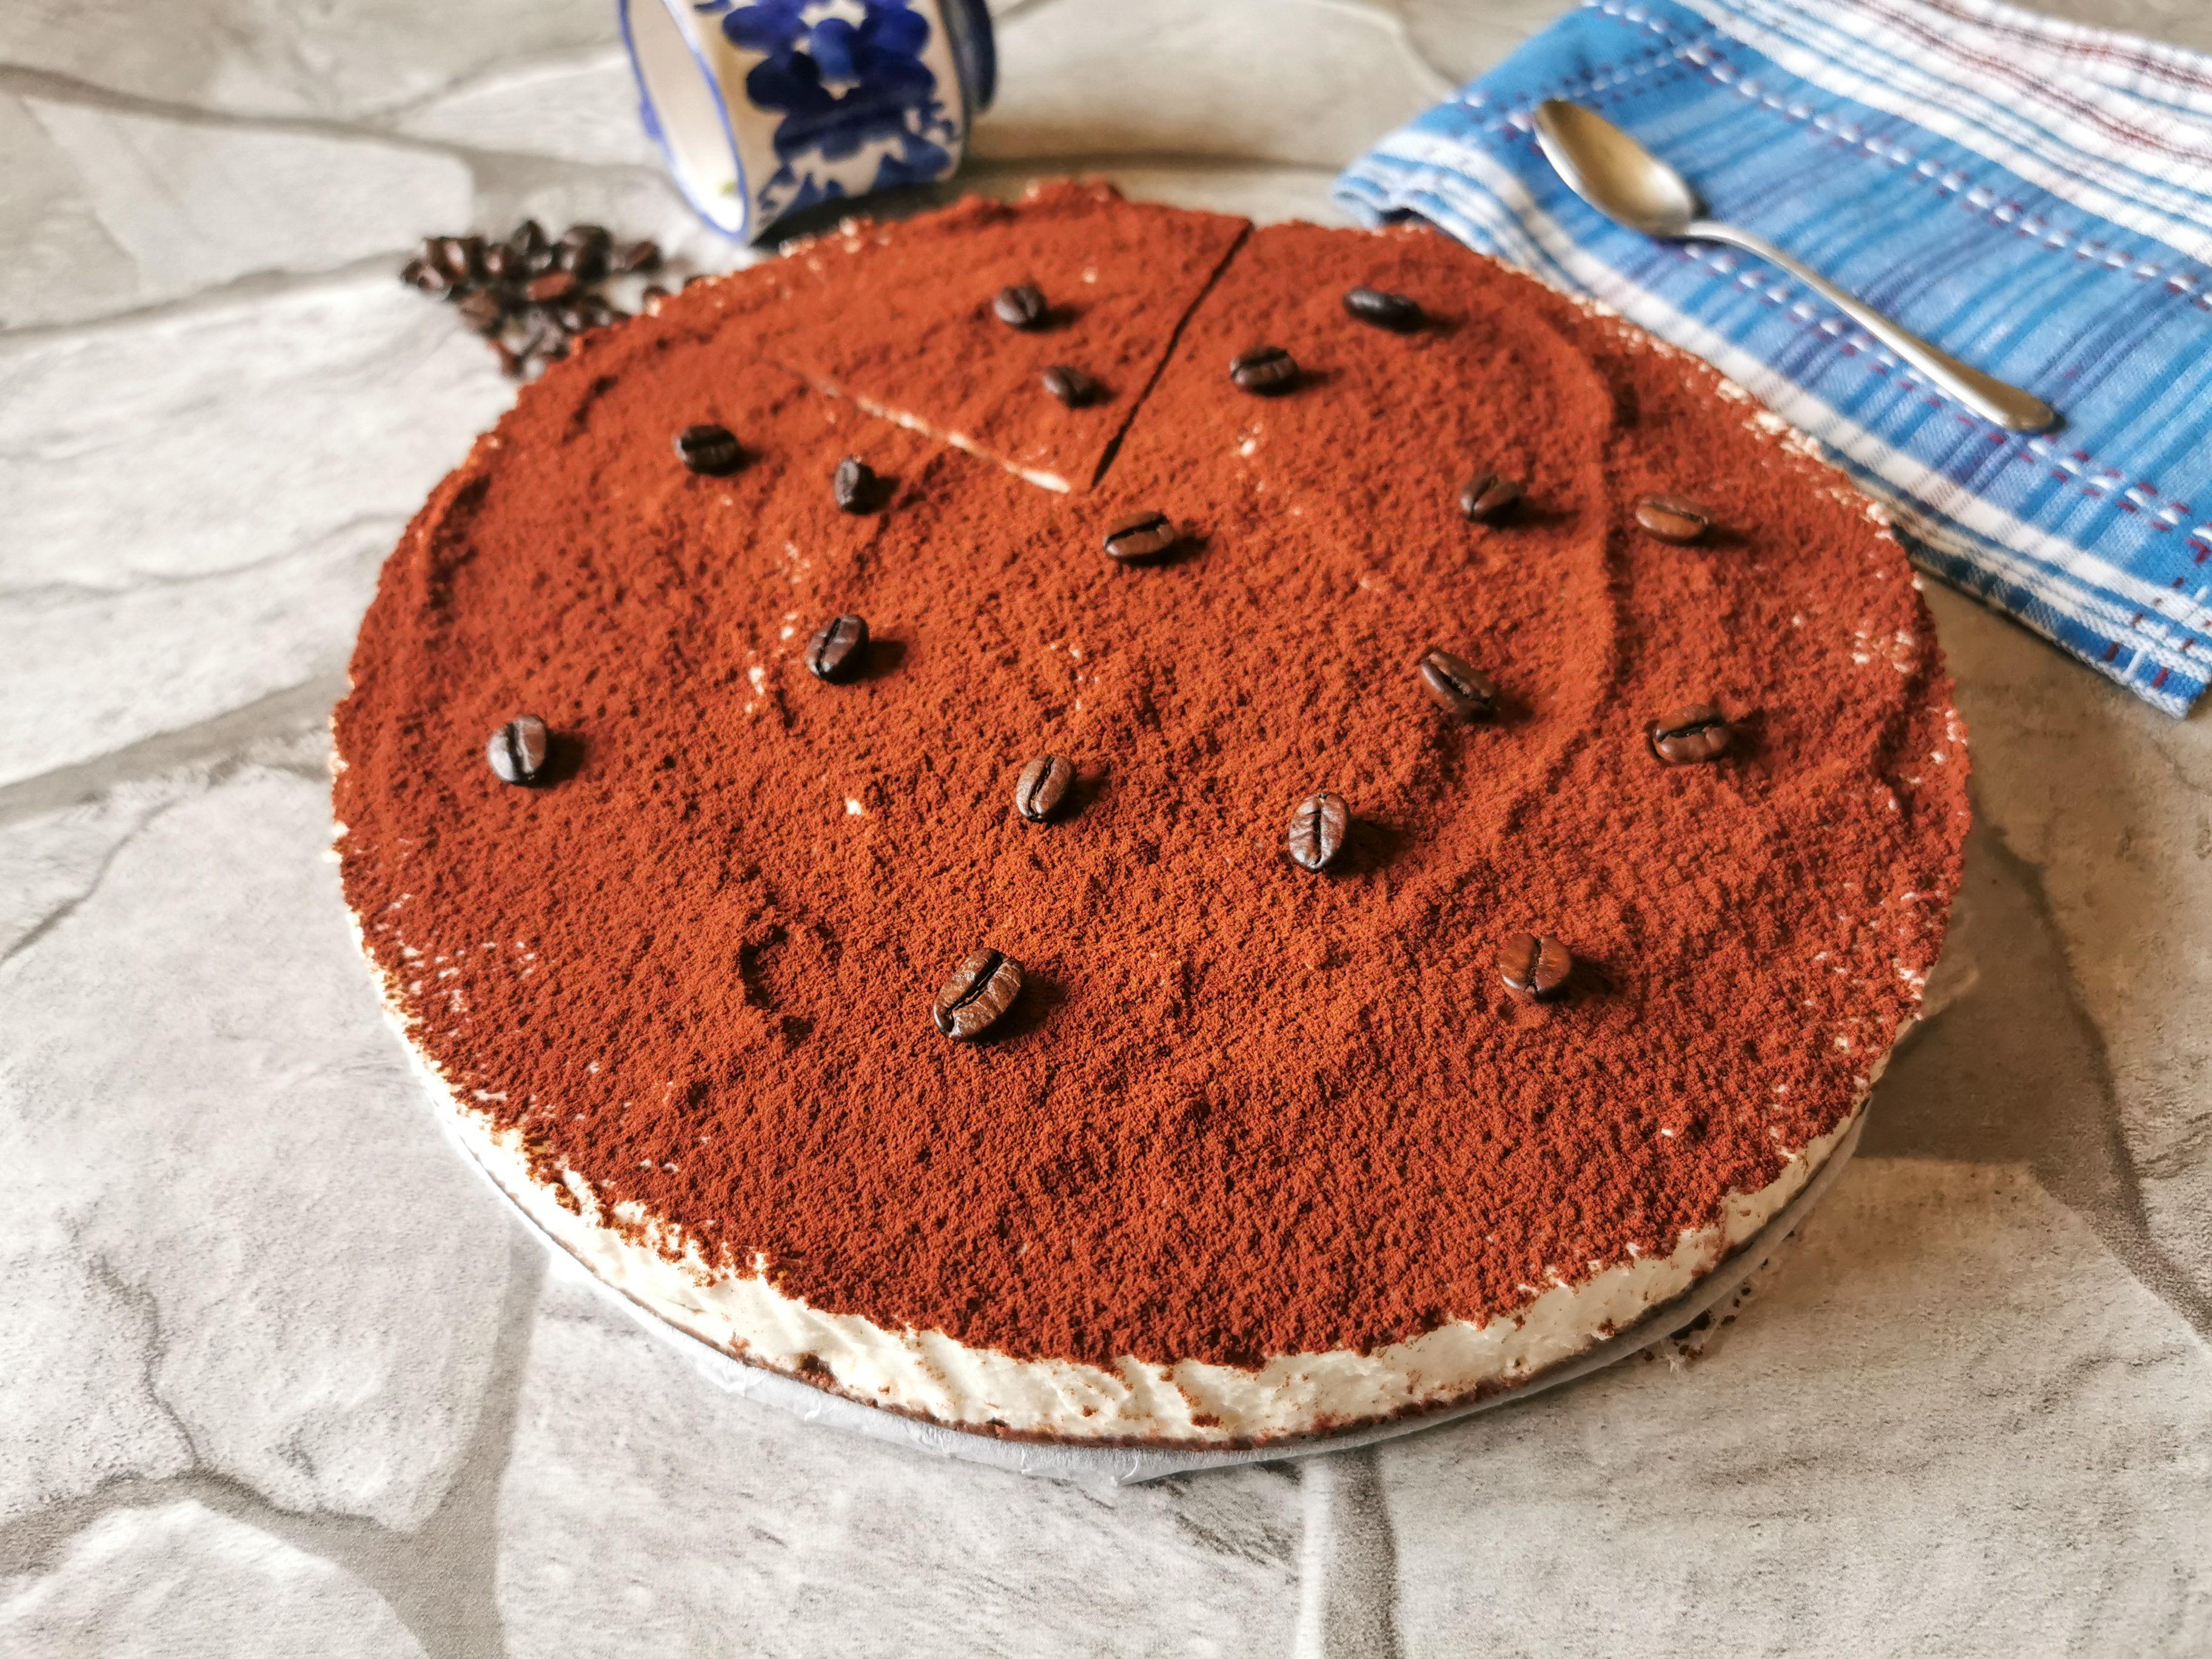 Torta caffè e mascarpone: la ricetta del dolce cremoso e fresco